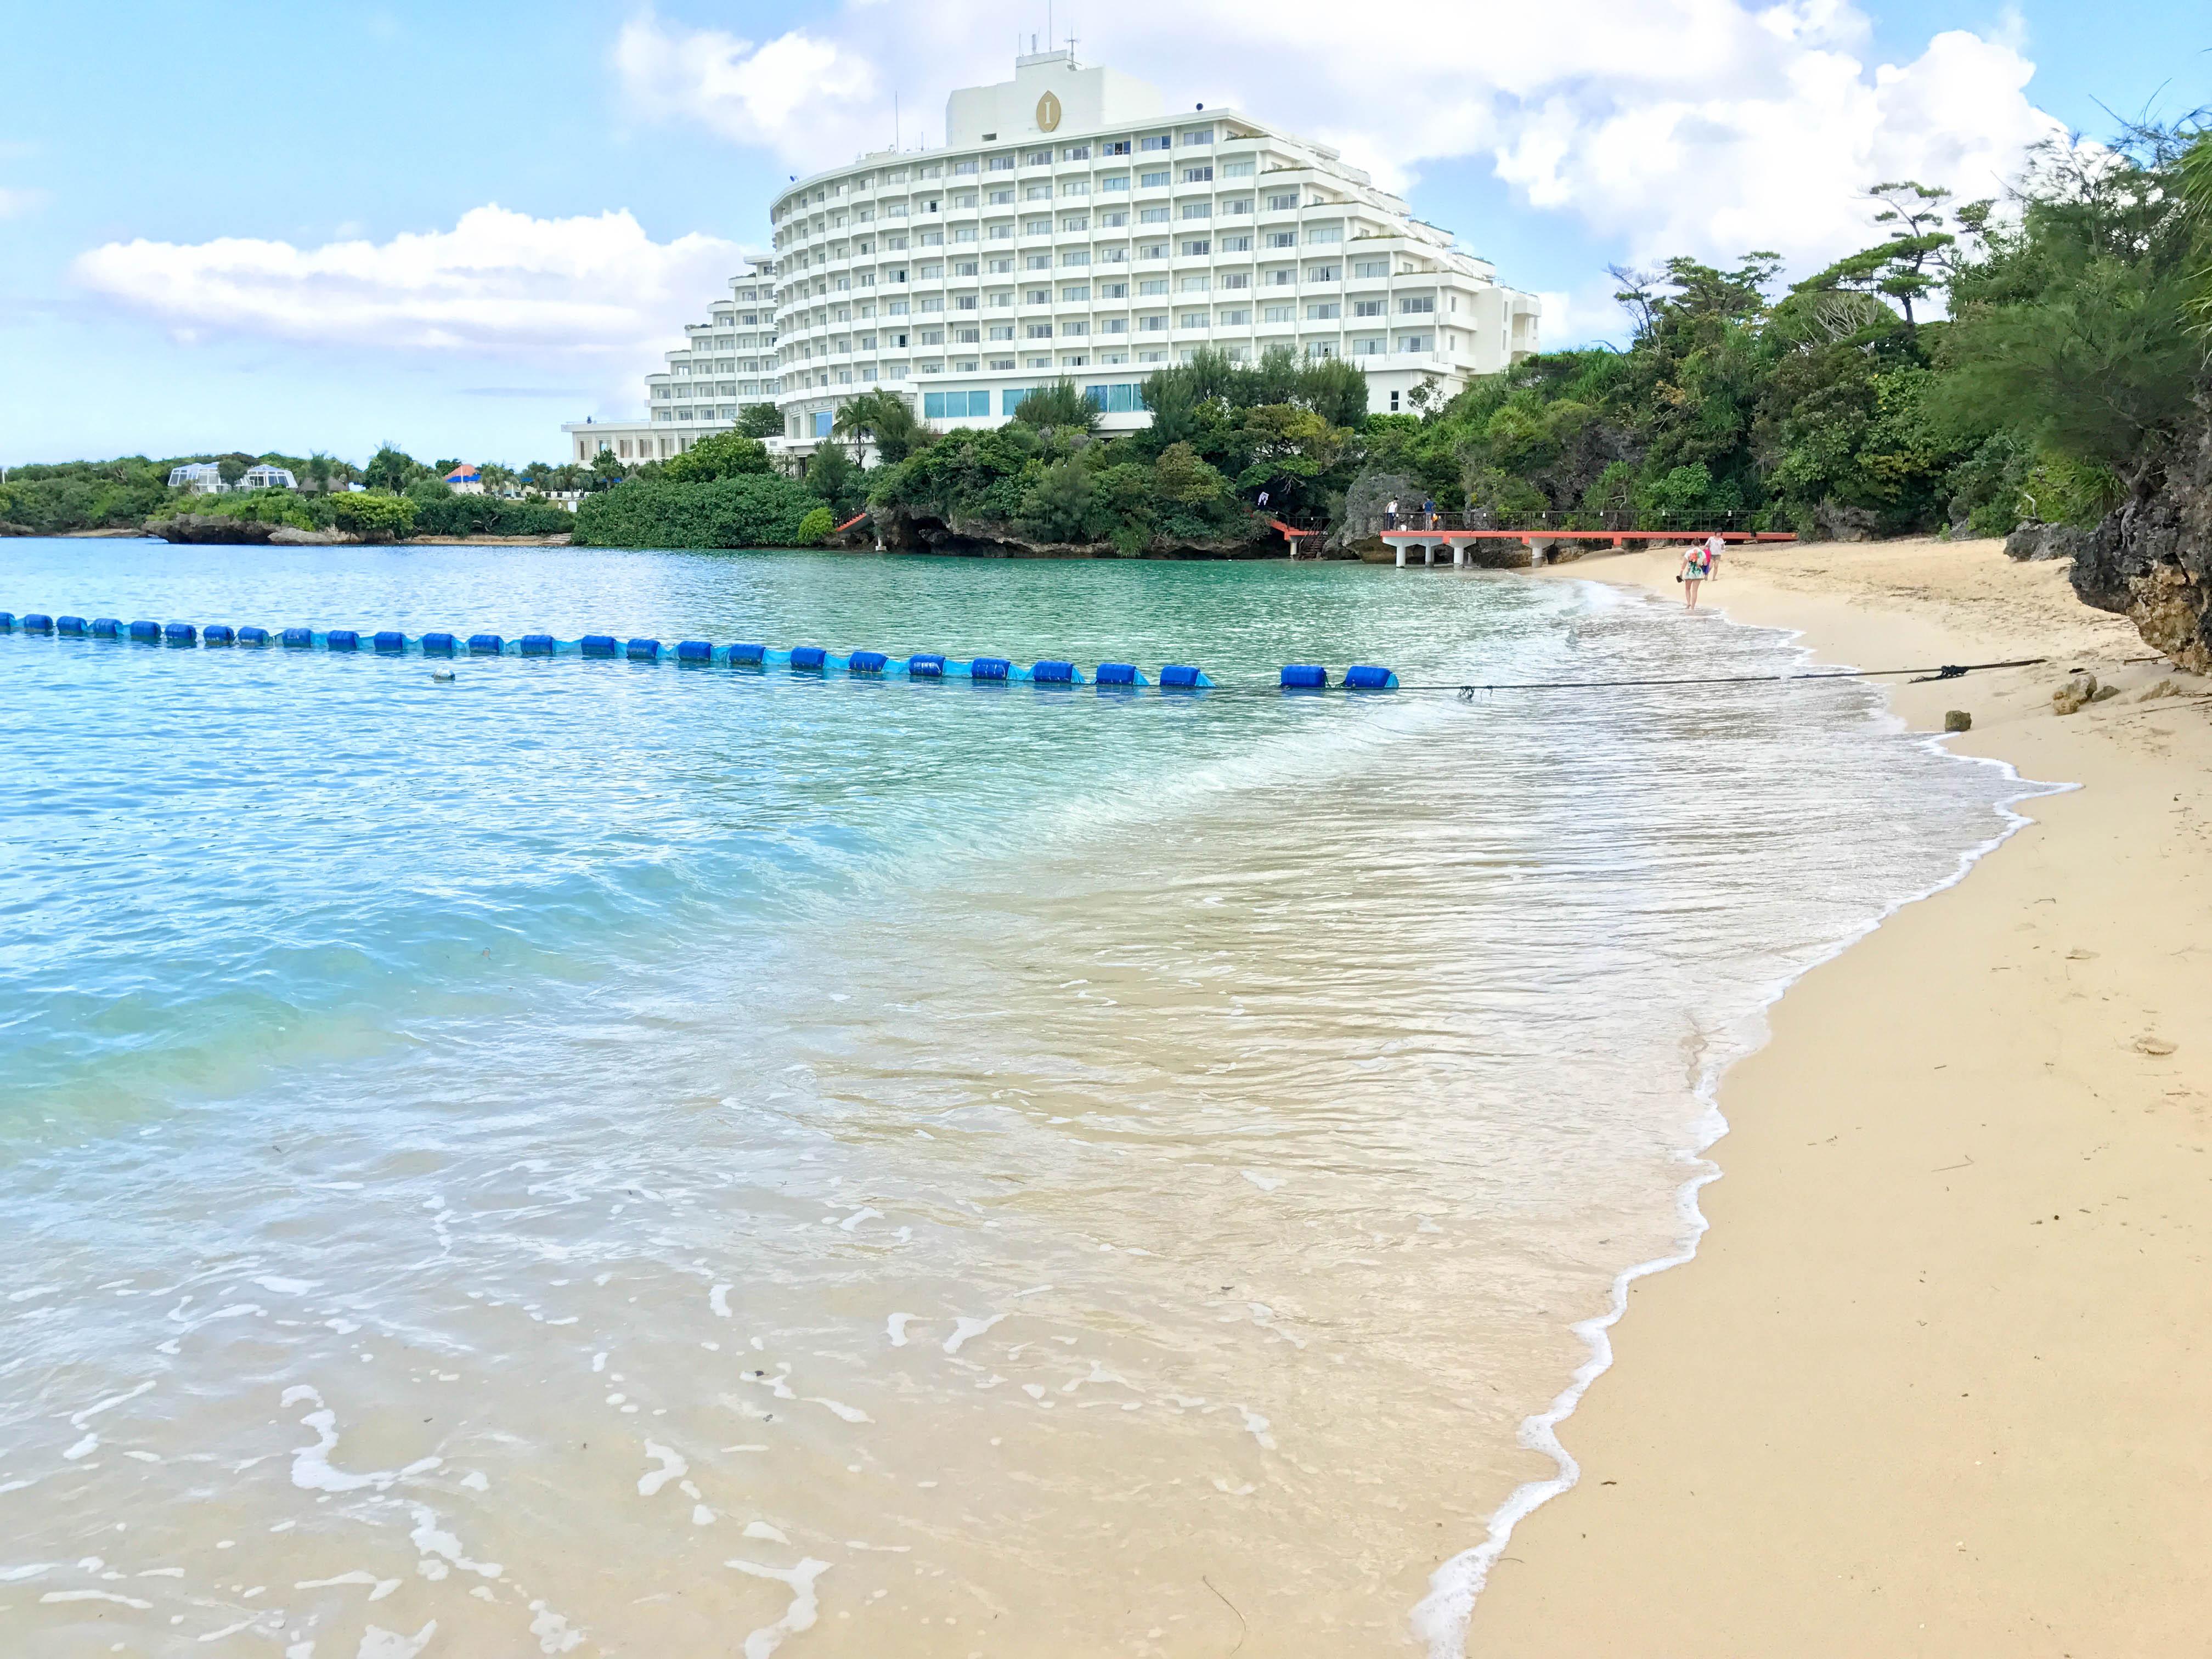 万座ビーチとANAインターコンチネンタル万座ビーチリゾートホテル